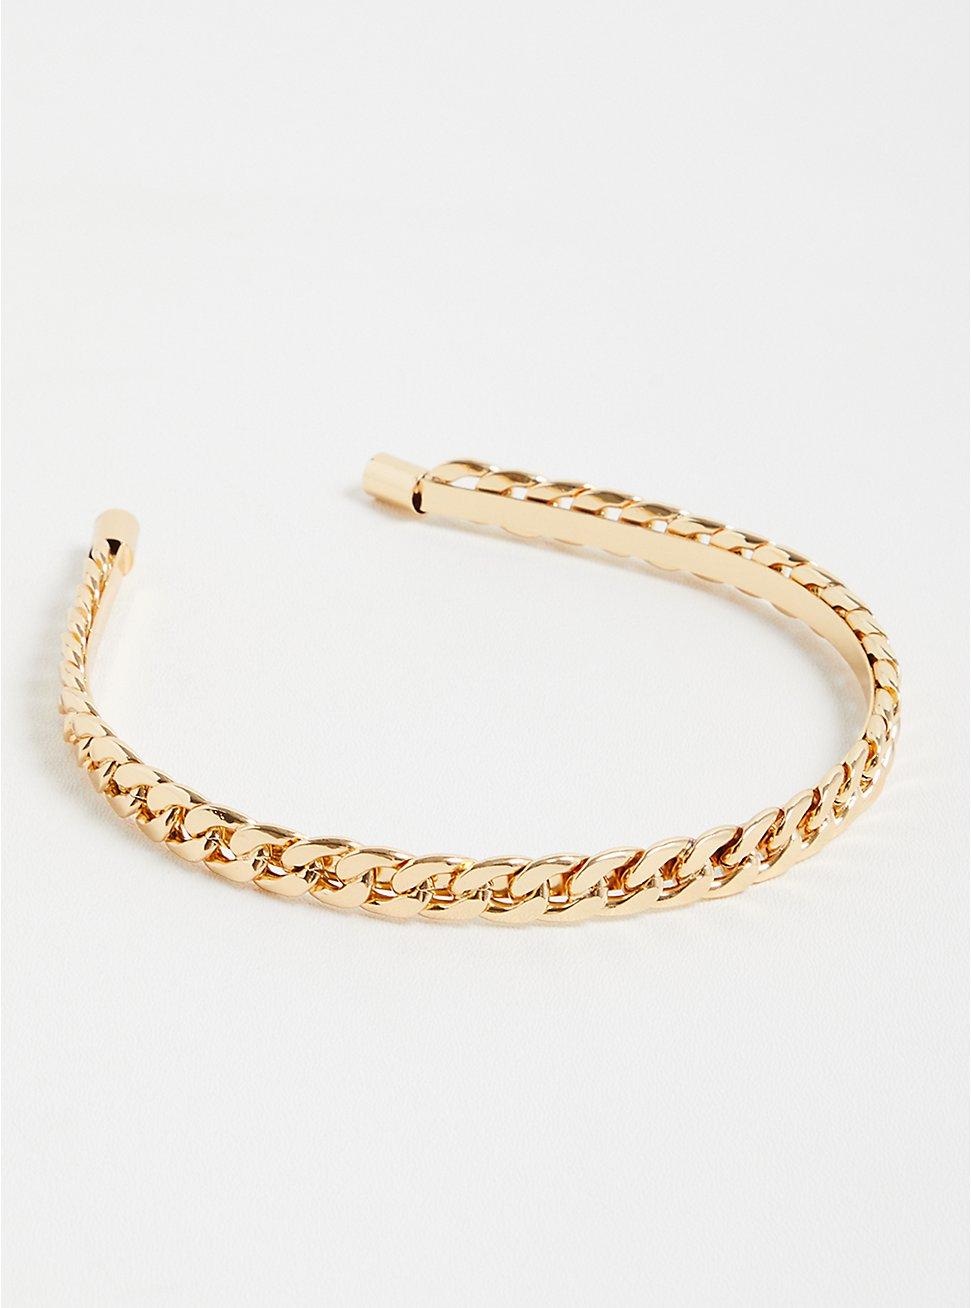 Link Headband - Gold Tone, , hi-res